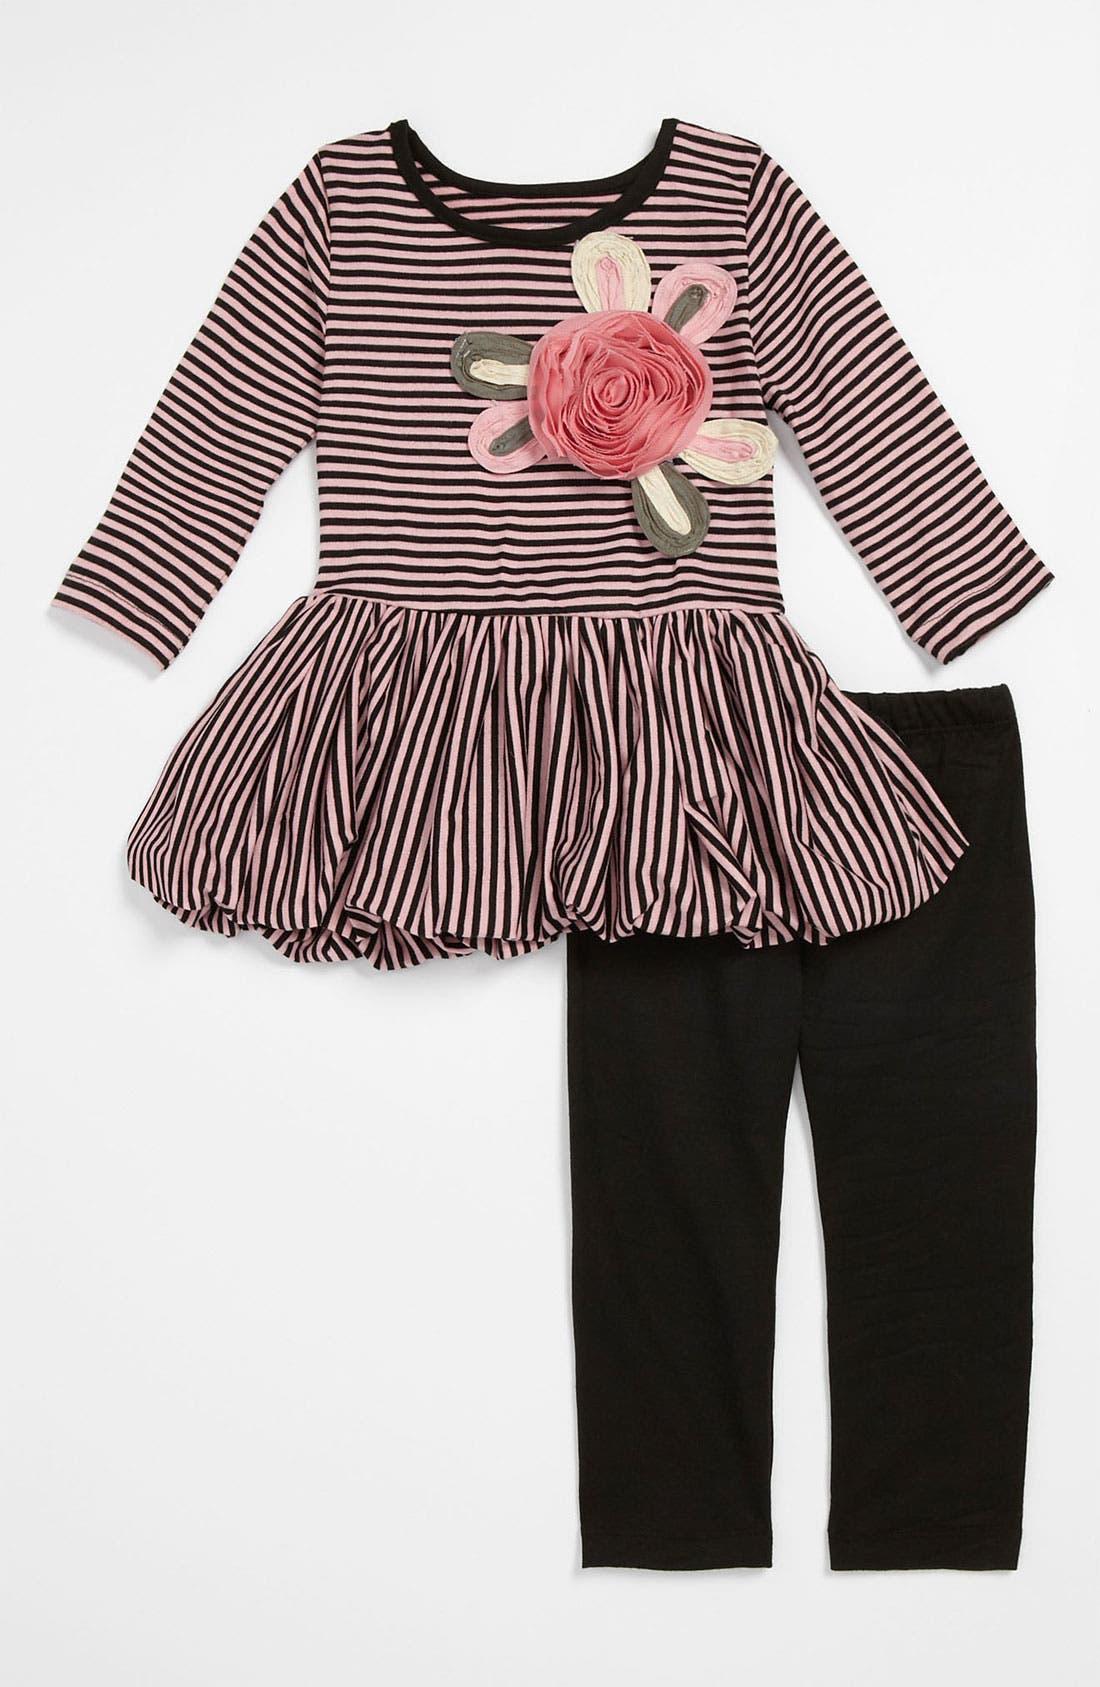 Main Image - Pippa & Julie Dress & Leggings (Toddler)